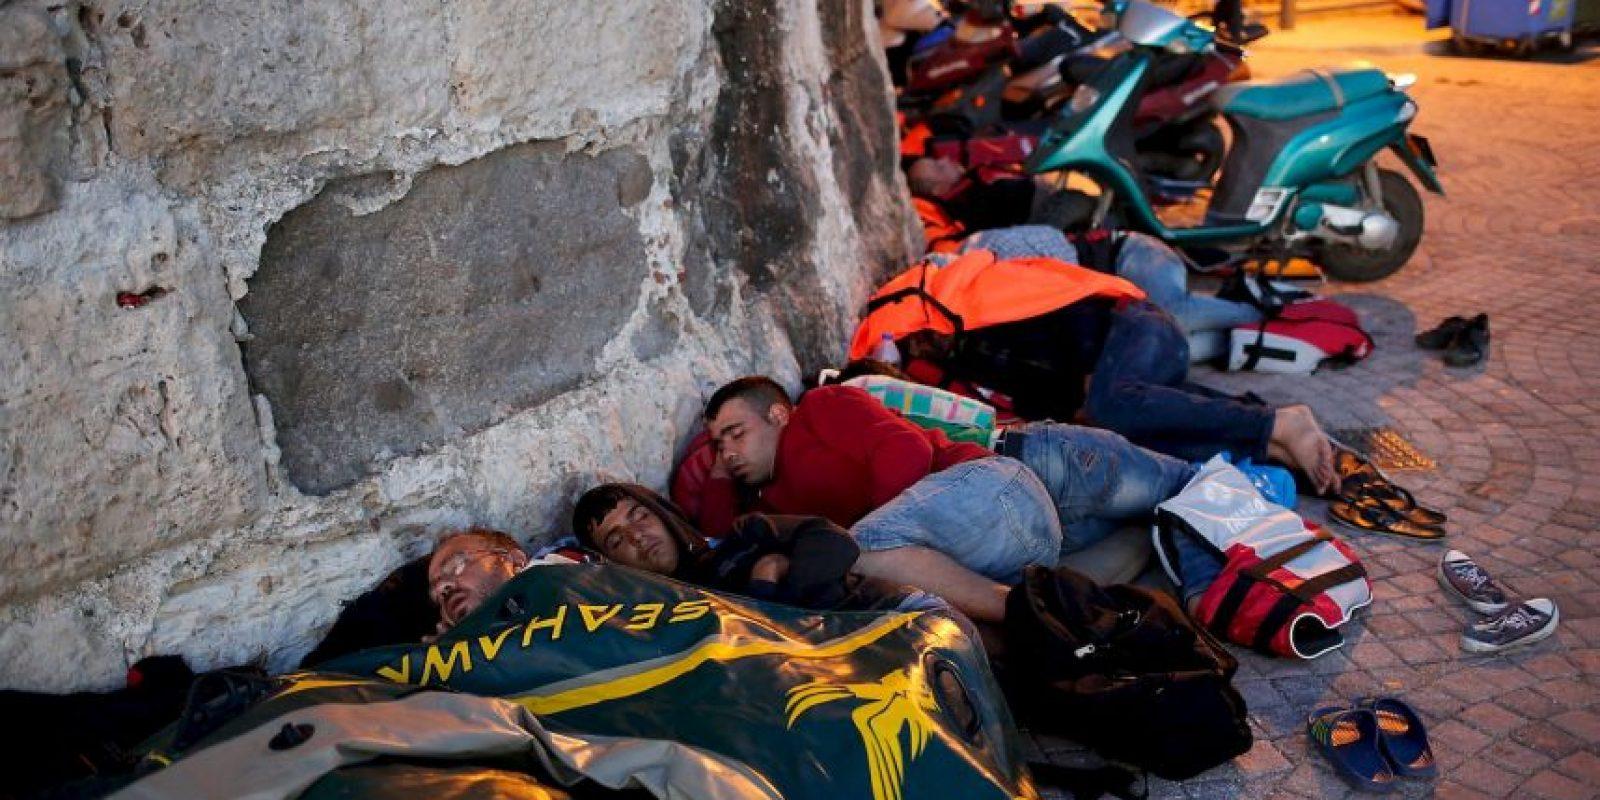 Otro experto cree que Europa debe permitir libre circulación a los refugiados dentro de la Unión Europea. Foto:Getty Images